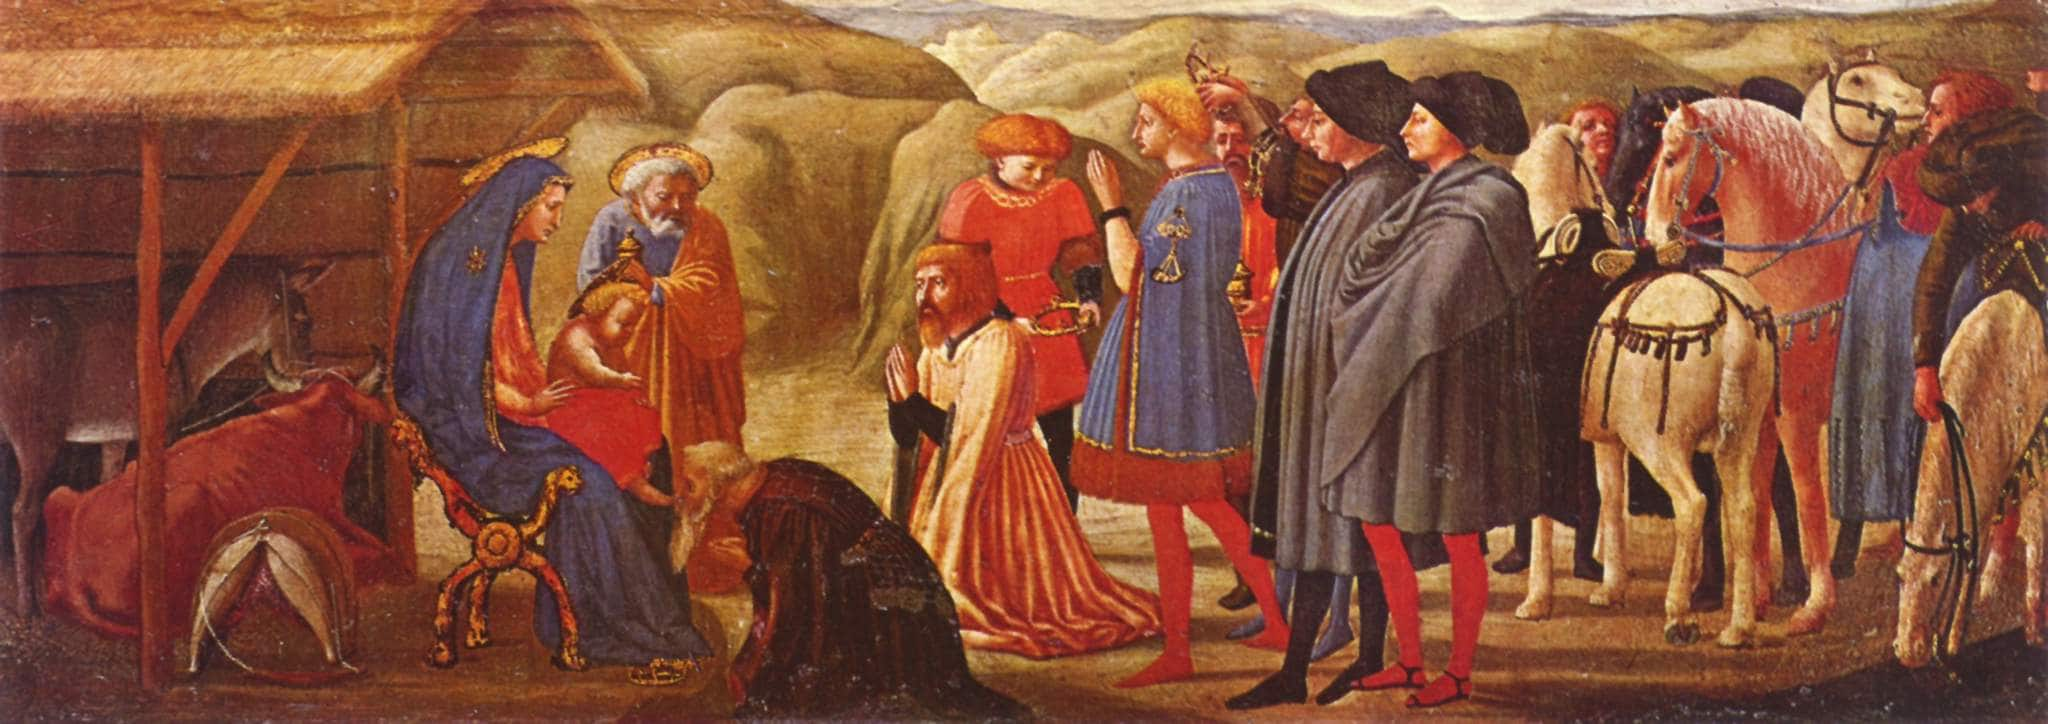 """""""Adorazione dei Magi"""", Masaccio (1426), Museo statale di Berlino"""